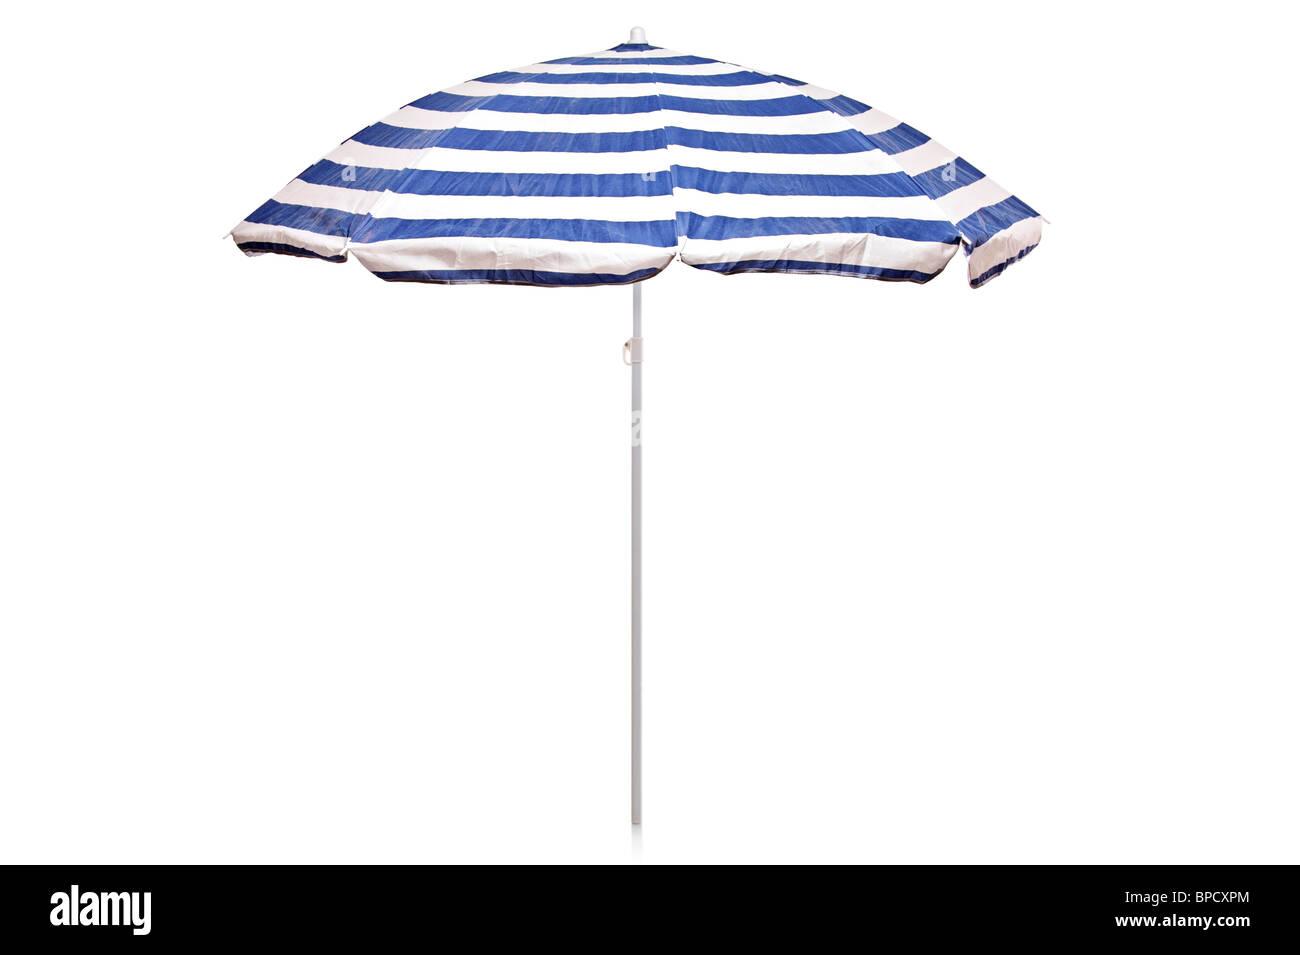 Blue and white striped umbrella - Stock Image